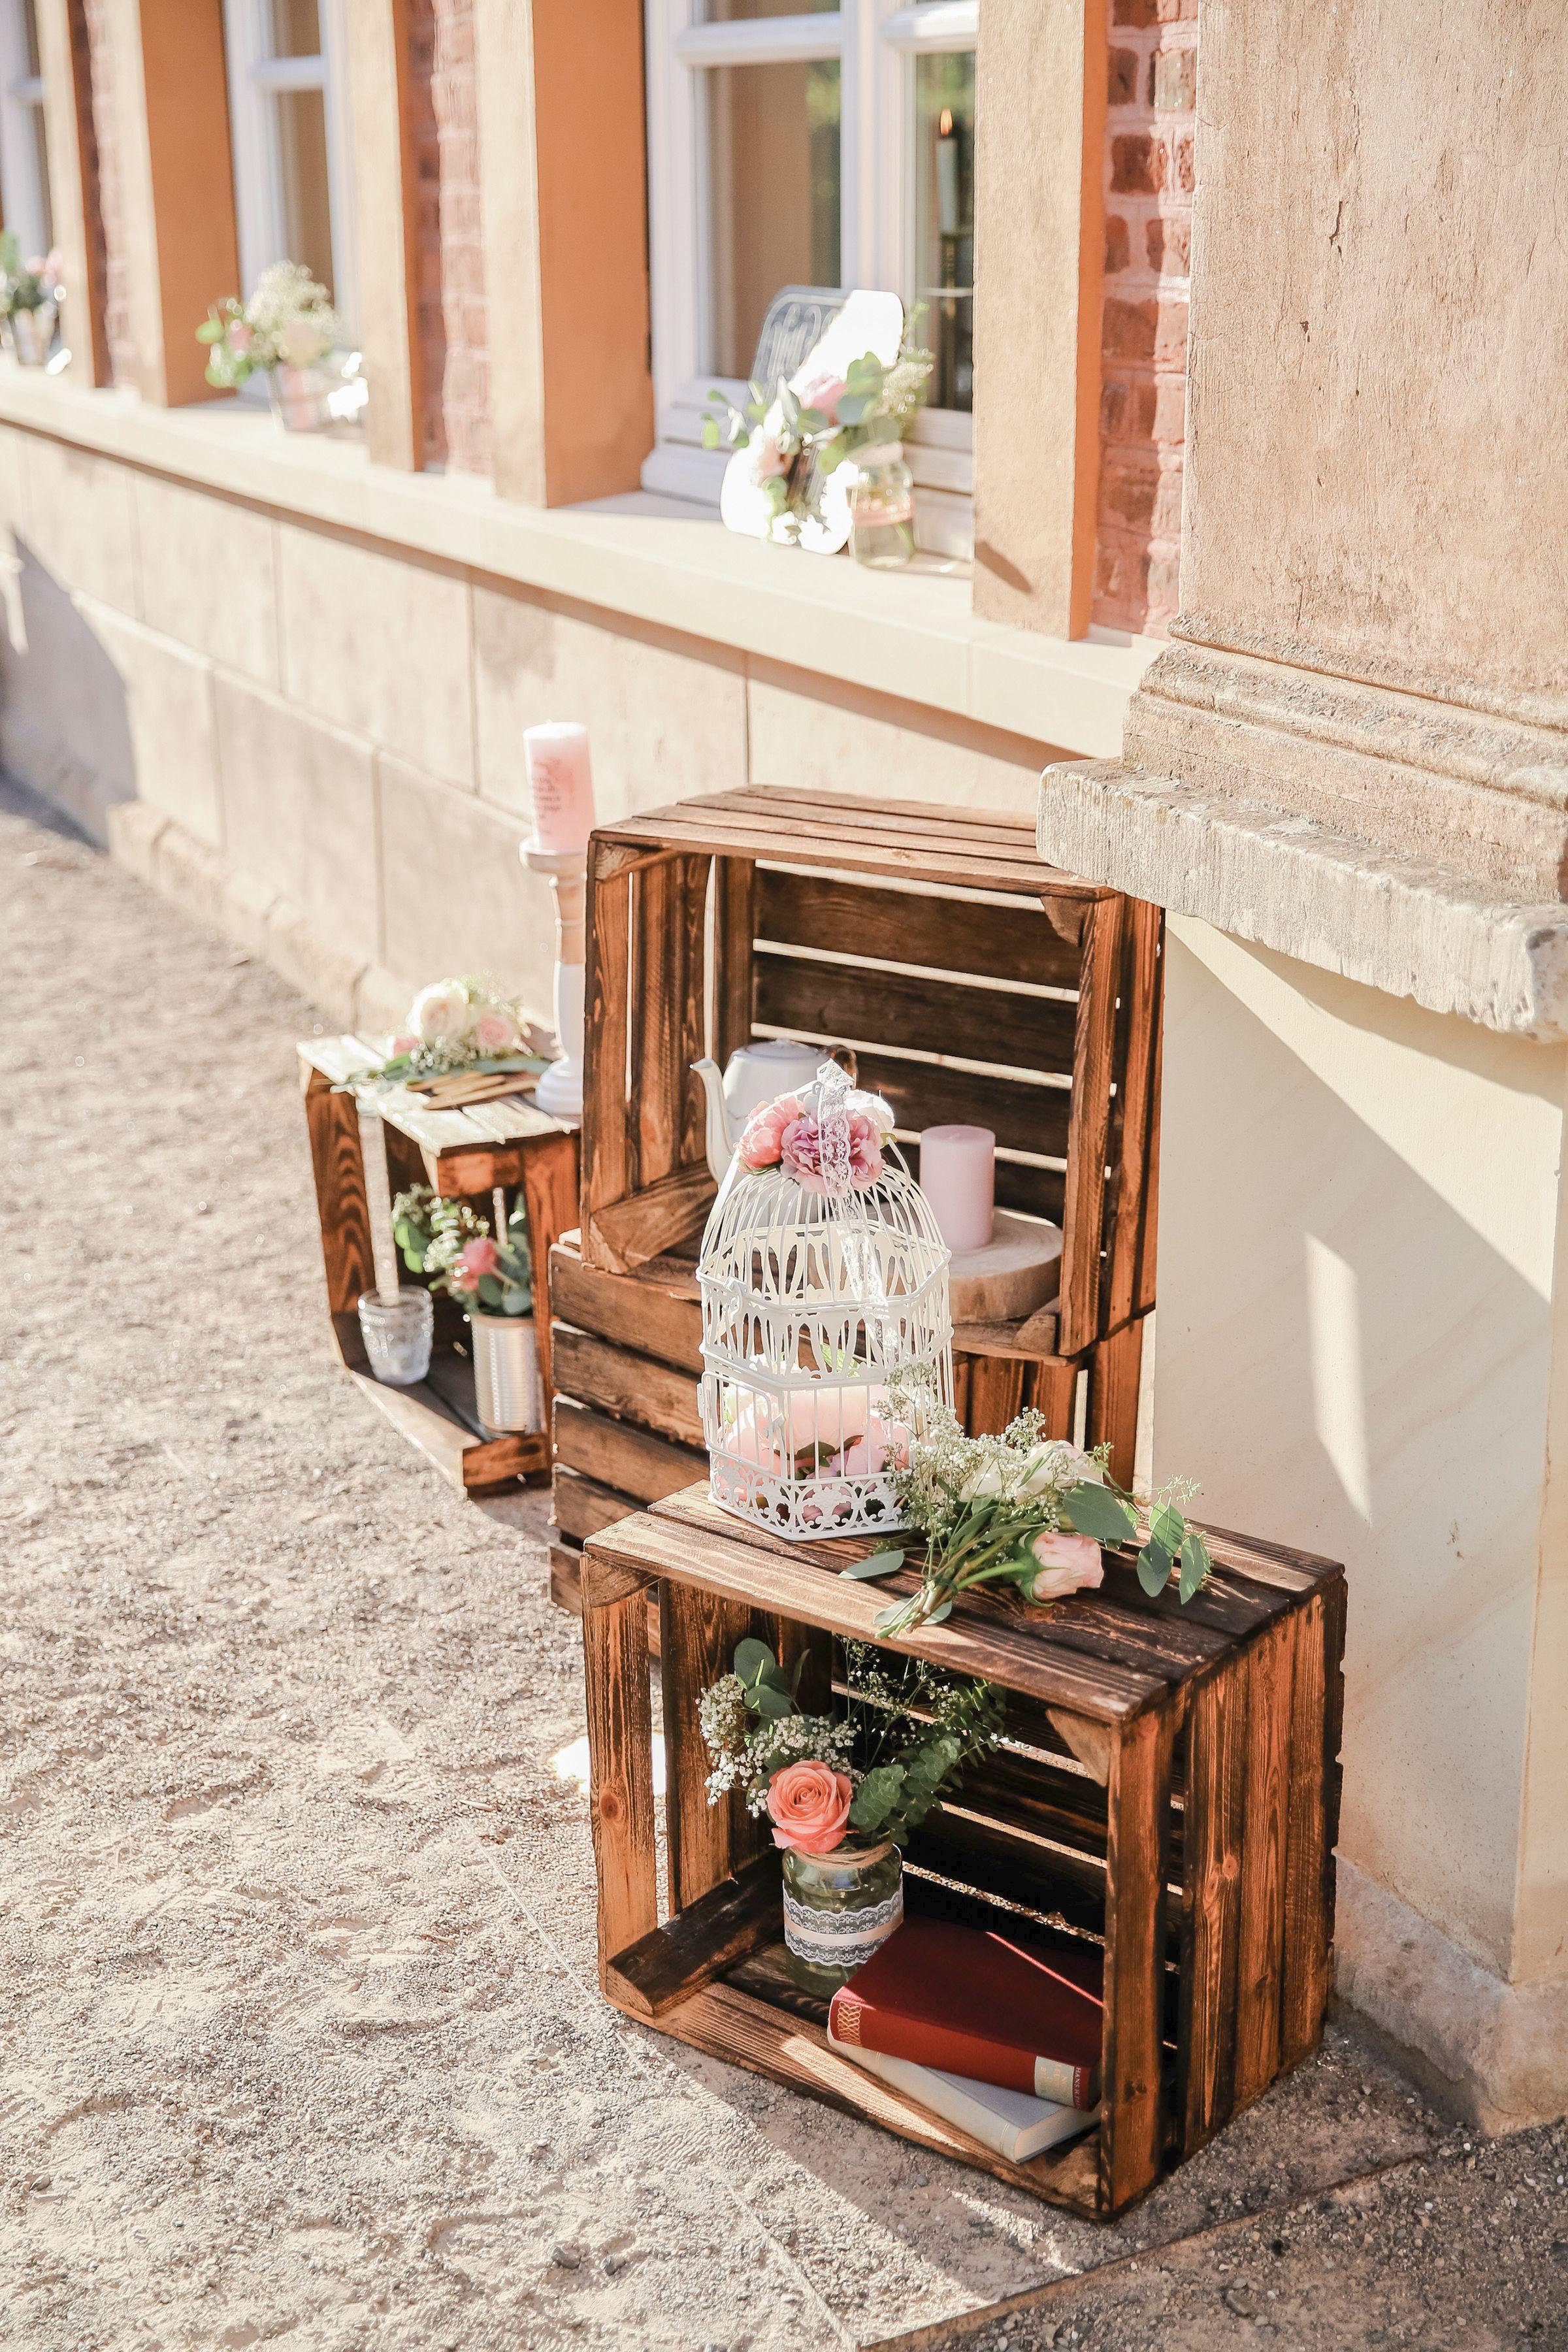 Weinkisten Deko Ich Liebe Diese Holzkisten Machen Jede Noch So Eleganze Location Etwas Rustikaler Schon Mit Hochzeit Weinkisten Kerzen Dekorieren Dekorieren